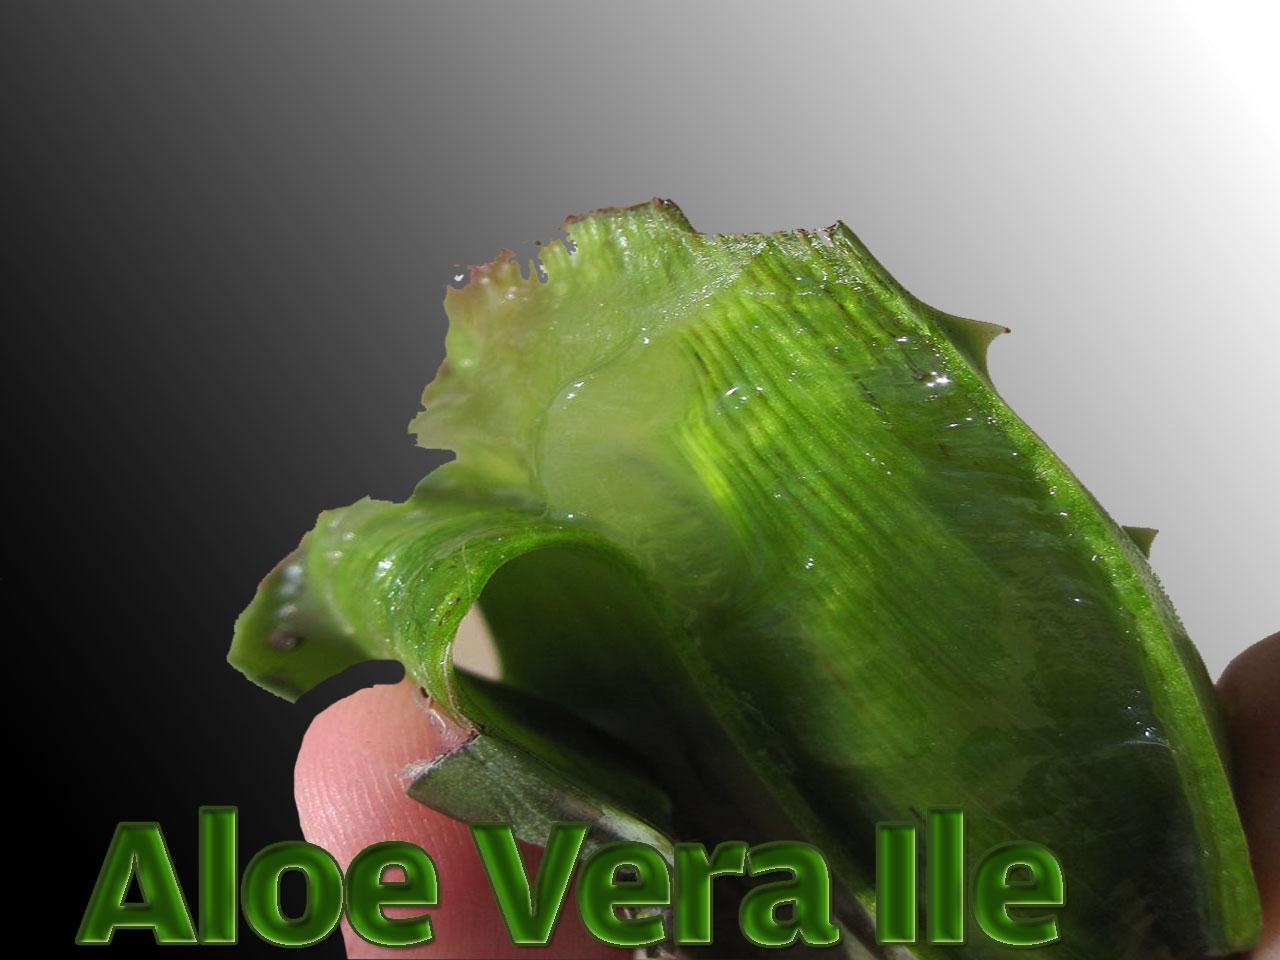 Etiket: Aloe Vera'nın faydaları